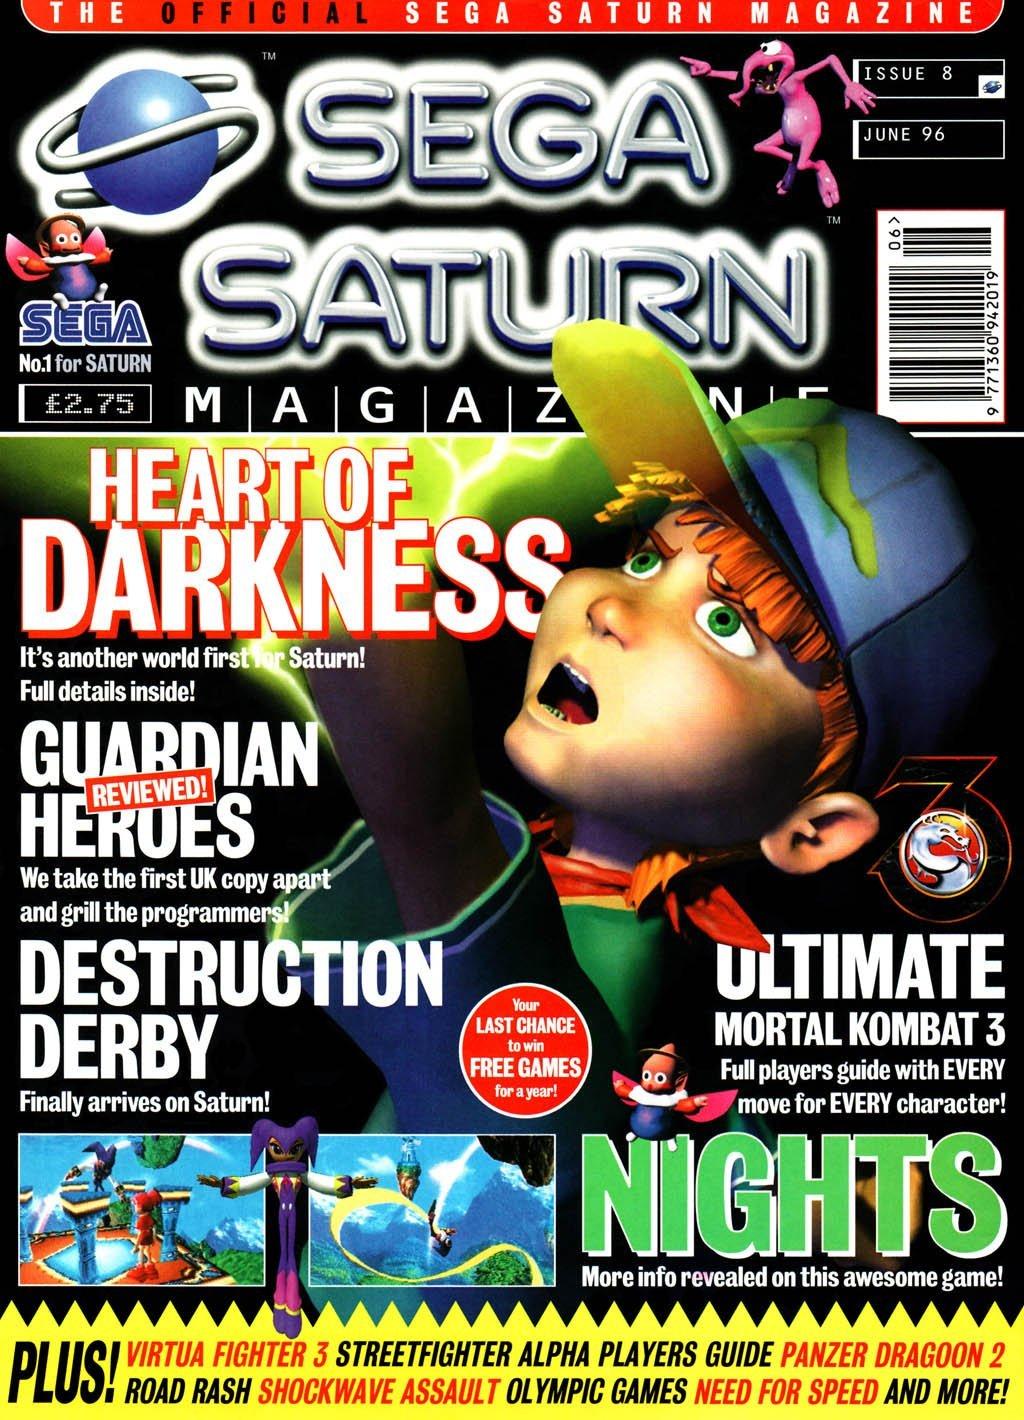 Official Sega Saturn Magazine 08 (June 1996)